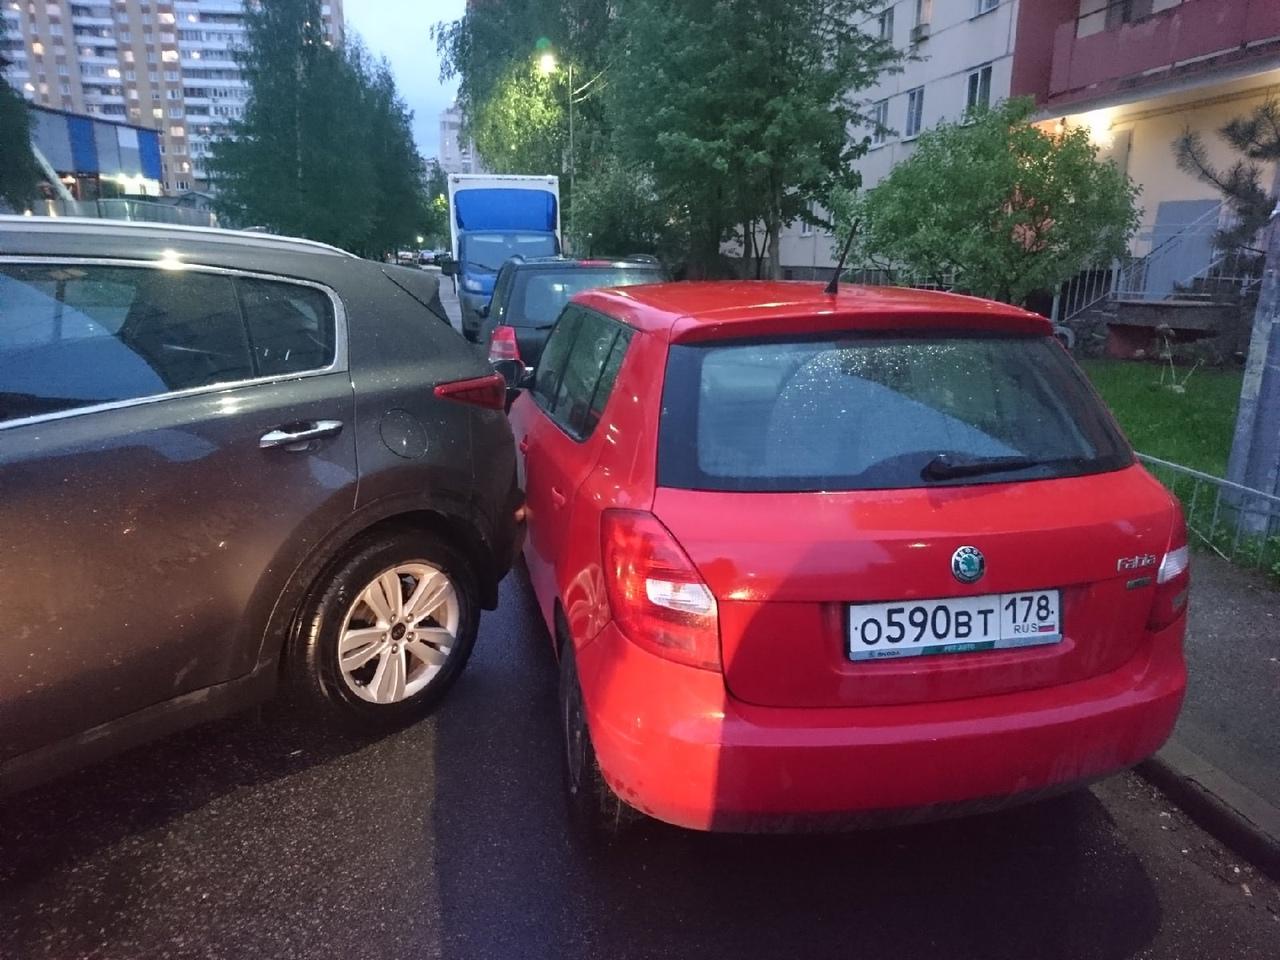 Припаркованная Киа стукнула припаркованную малютку Фабию во дворе на Ленинском 96к1, проезд во дворе...